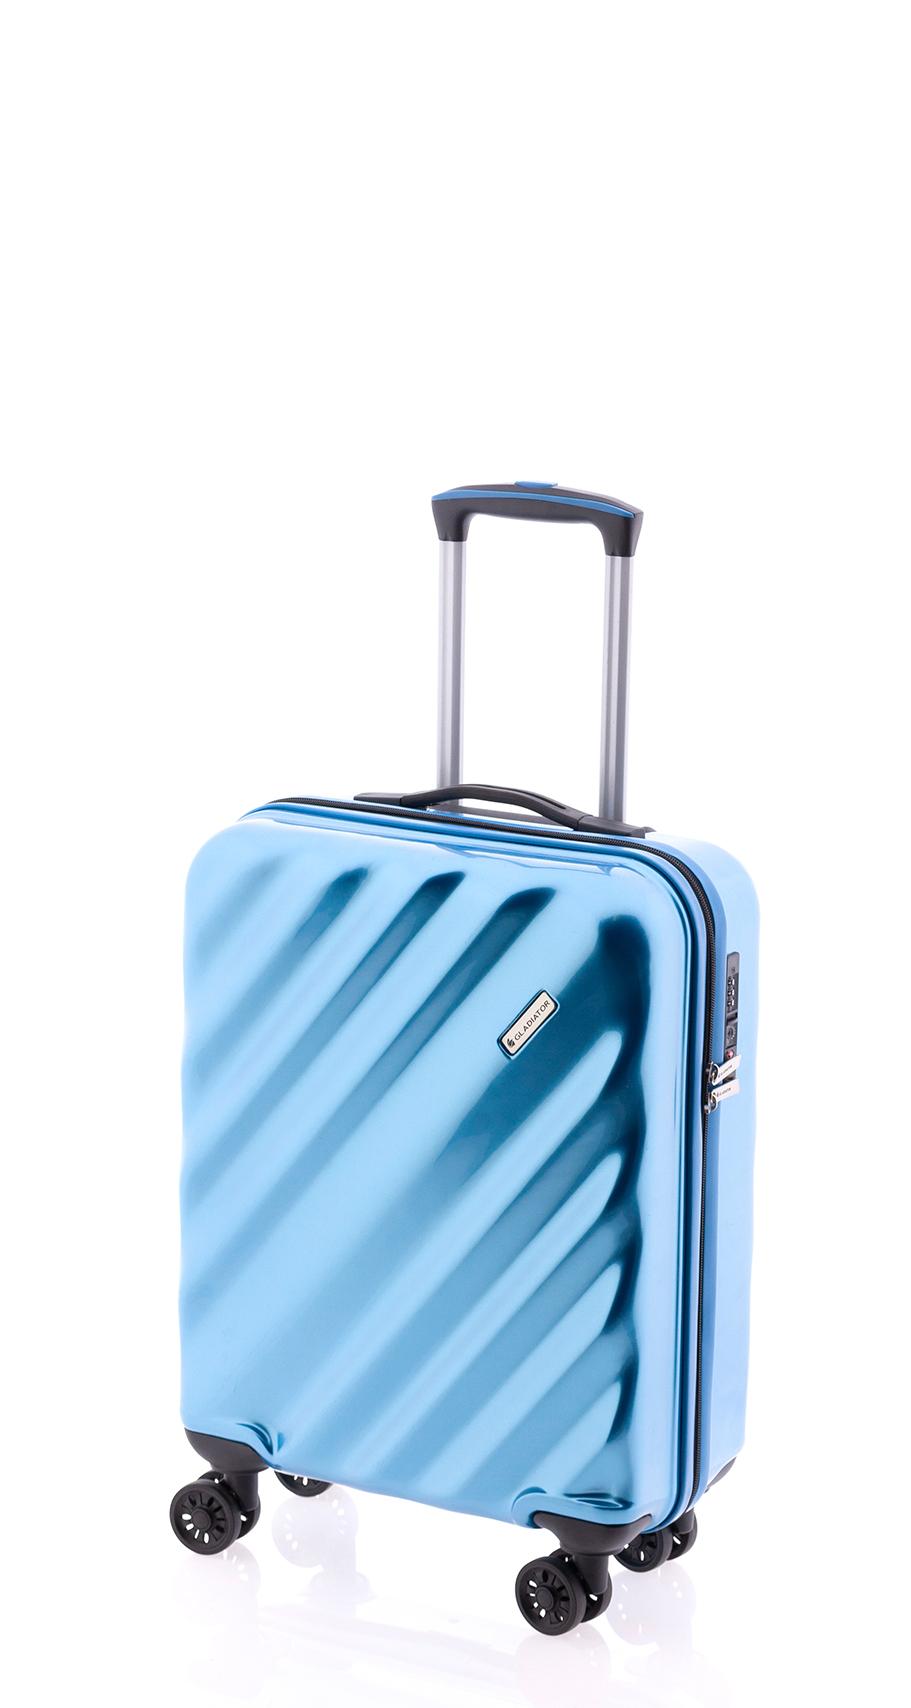 maletas-gladiator-glam-cabina-pequena-391005